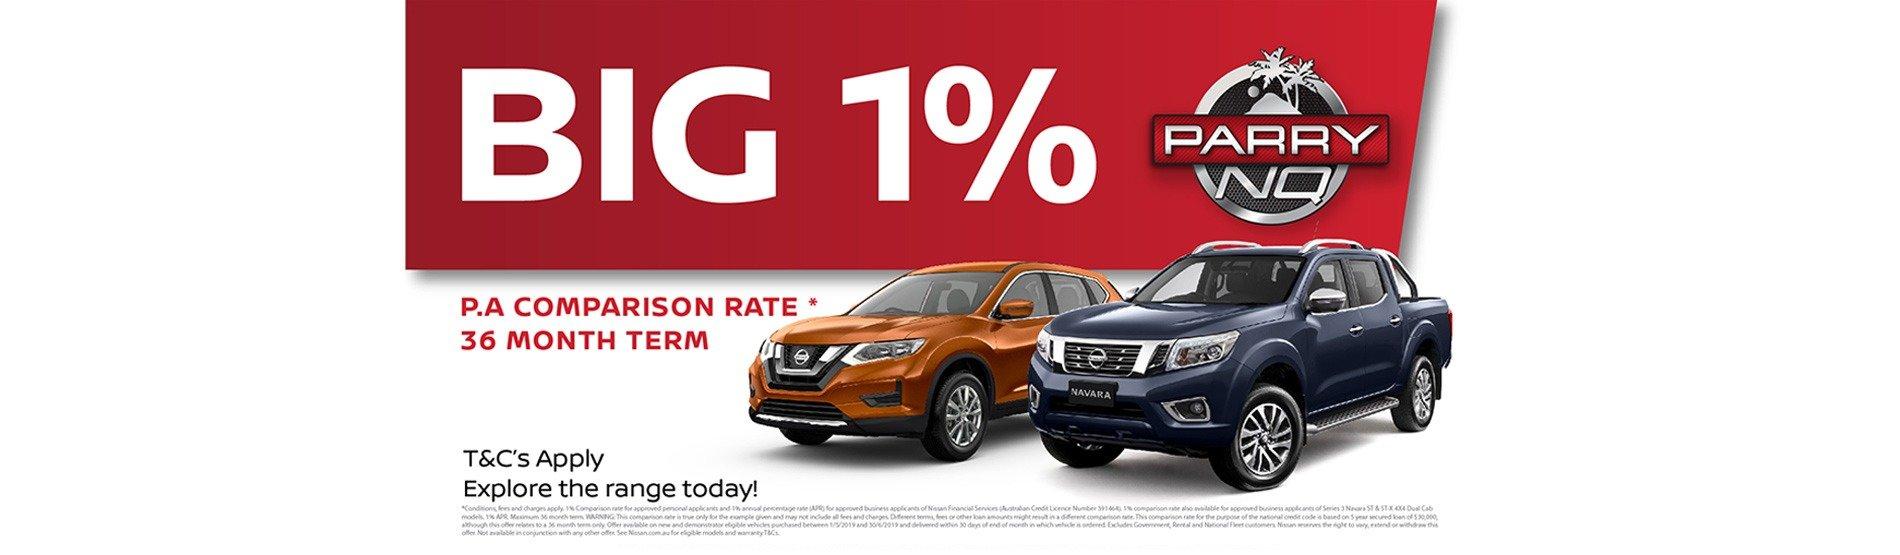 Parry NQ Nissan The Big 1%